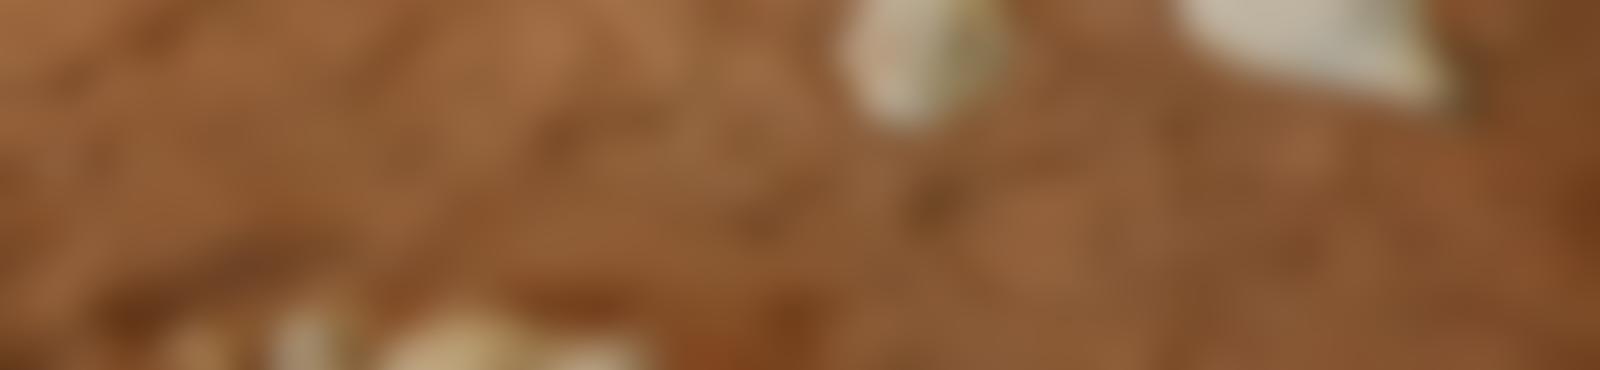 Blurred 5845dbaf faec 4f22 8ad8 b23c9282a2c6